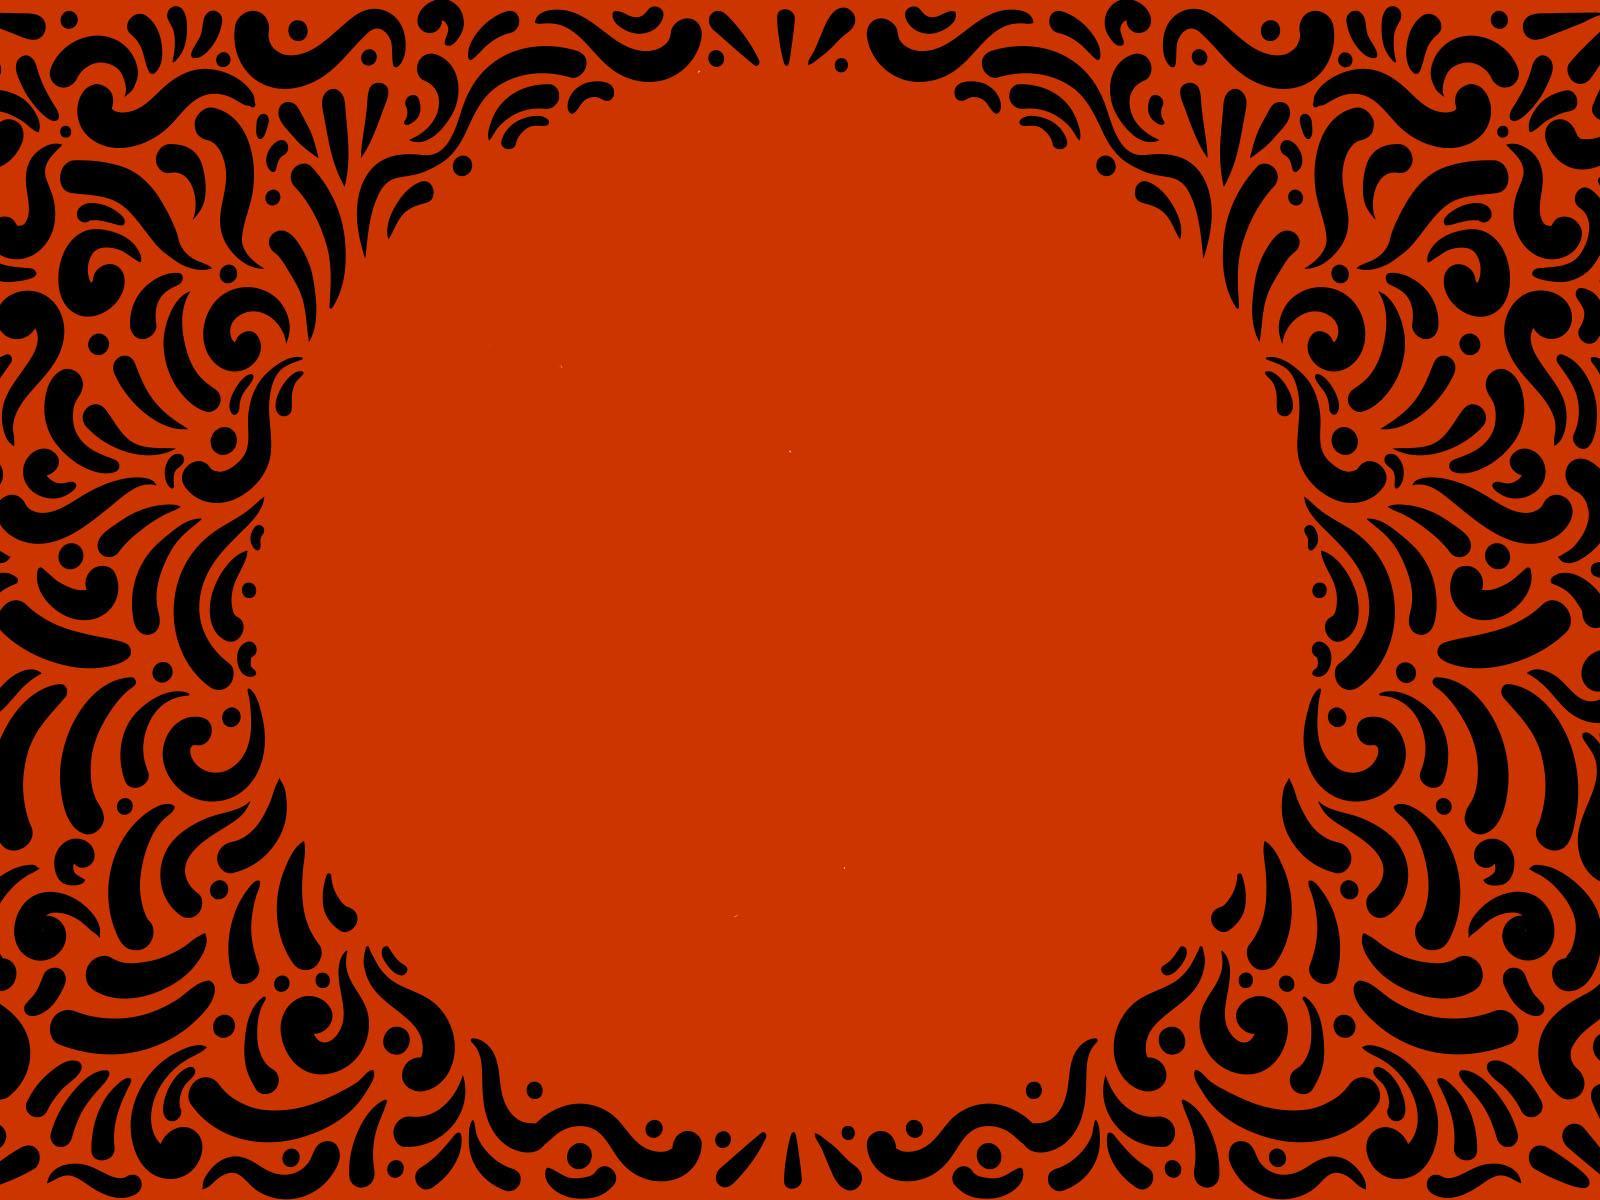 Orange Spiral Frame PPT Backgrounds